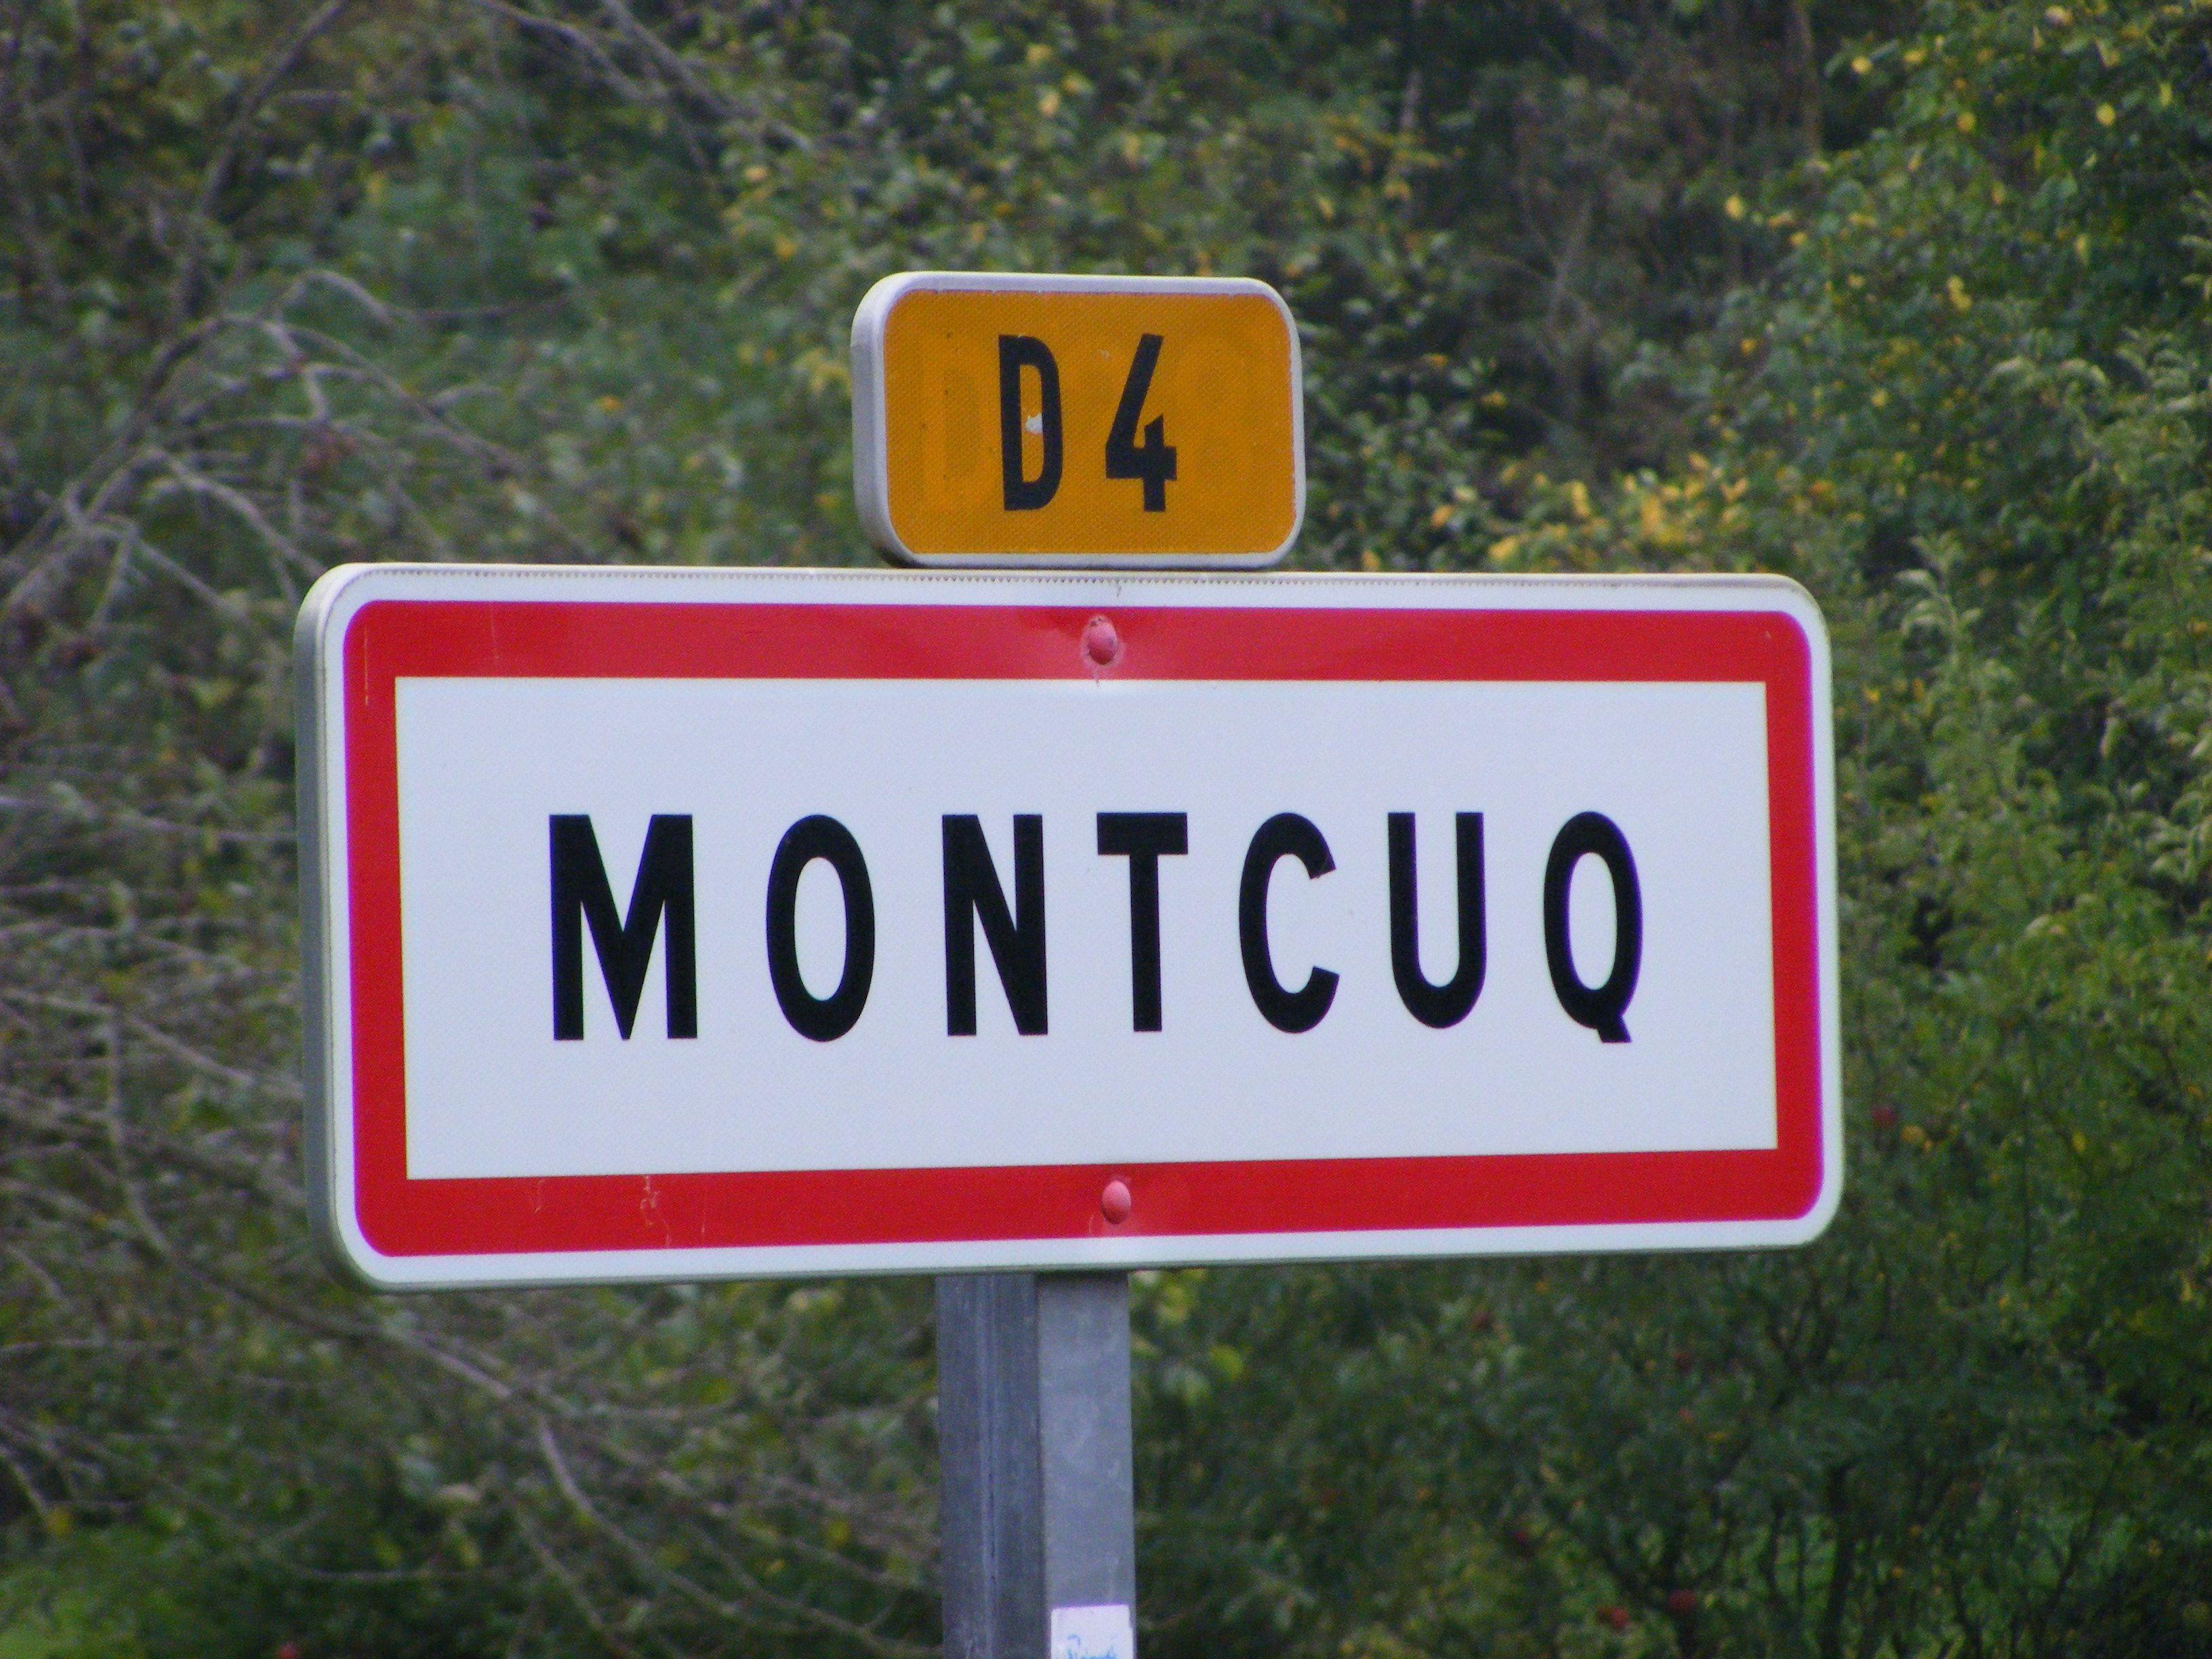 Sallespisse Bibiche Montchaton Decouvrez 25 Noms Aussi Incroyables Qu Hilarants De Nos Communes Francaises Panneaux Droles Visages De Meme Nom Drole